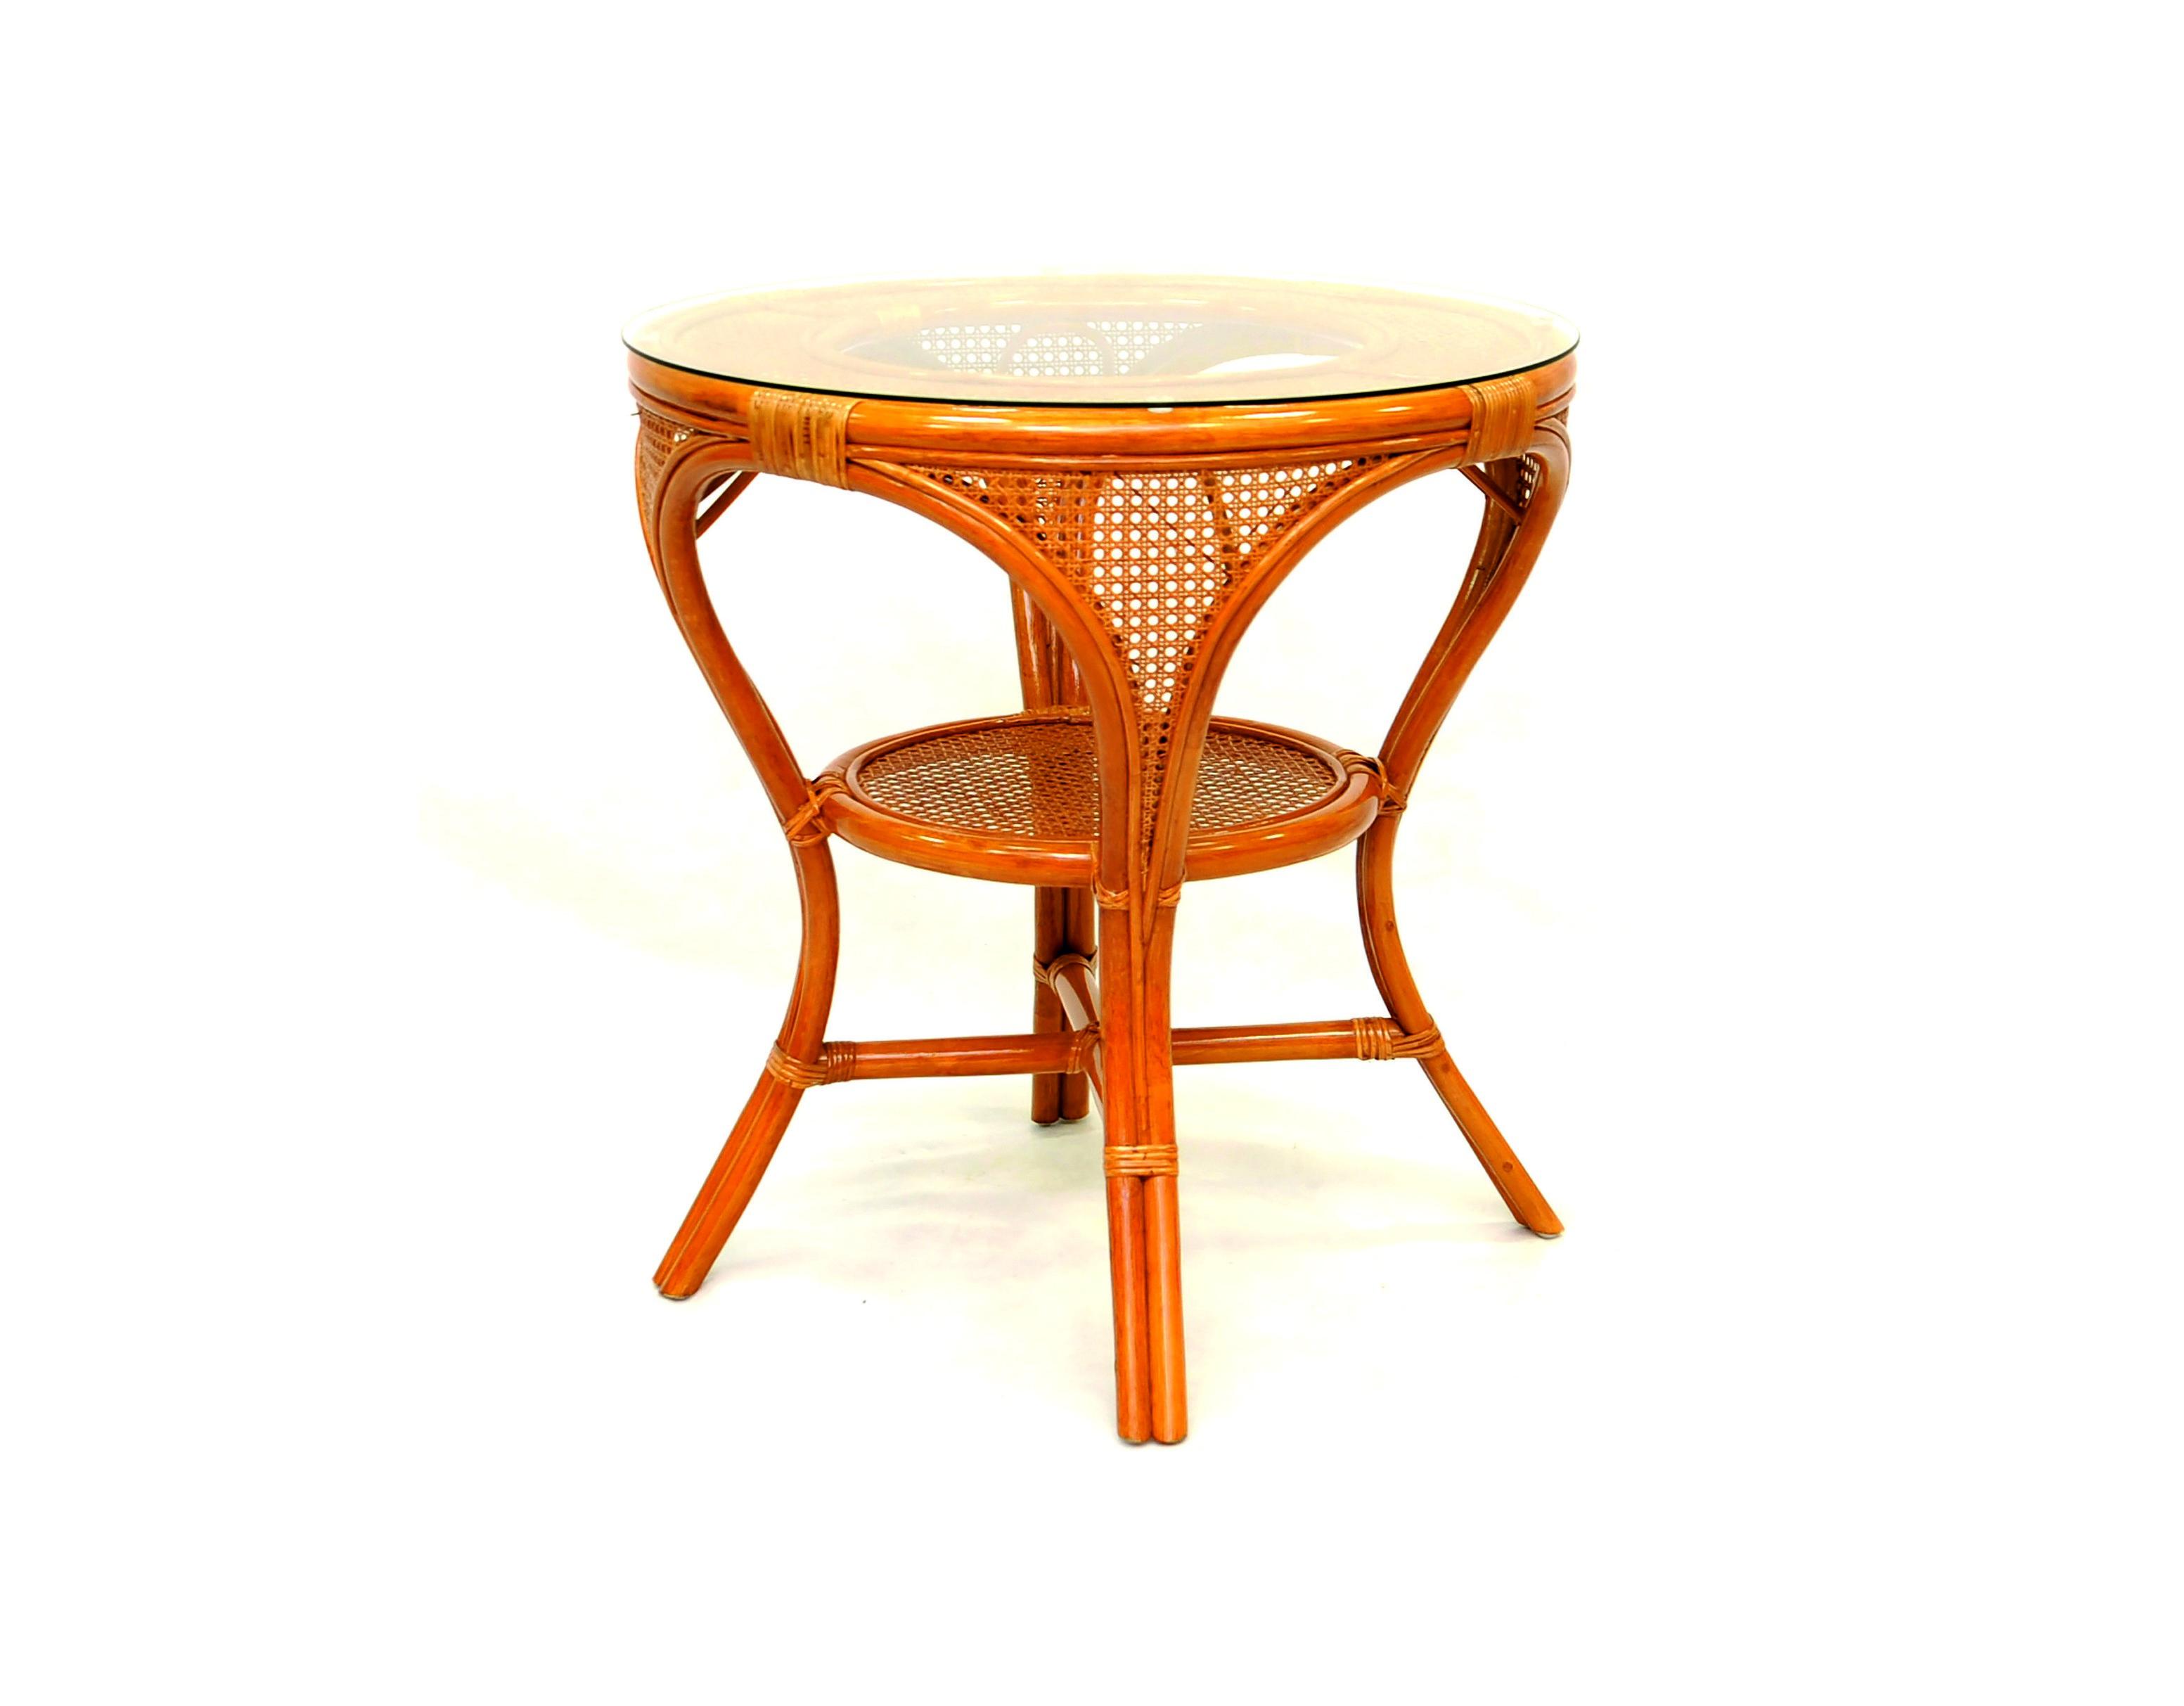 Стол обеденный MokkoСтолы и столики для сада<br>Важным достоинством ротангового стола является его легкость, что позволяет его свободно перемещать. Каждый плетеный стол из ротанга - уникален, так как все делается вручную.&amp;amp;nbsp;&amp;lt;div&amp;gt;&amp;lt;br&amp;gt;&amp;lt;/div&amp;gt;&amp;lt;div&amp;gt;Материал: натуральный ротанг&amp;lt;/div&amp;gt;&amp;lt;div&amp;gt;Цвет: коньячный&amp;lt;/div&amp;gt;&amp;lt;div&amp;gt;&amp;lt;span style=&amp;quot;line-height: 1.78571;&amp;quot;&amp;gt;Стекло на присосках&amp;lt;/span&amp;gt;&amp;lt;/div&amp;gt;&amp;lt;div&amp;gt;&amp;lt;span style=&amp;quot;line-height: 1.78571;&amp;quot;&amp;gt;Вес: 9,6 кг&amp;lt;/span&amp;gt;&amp;lt;/div&amp;gt;<br><br>Material: Ротанг<br>Высота см: 78